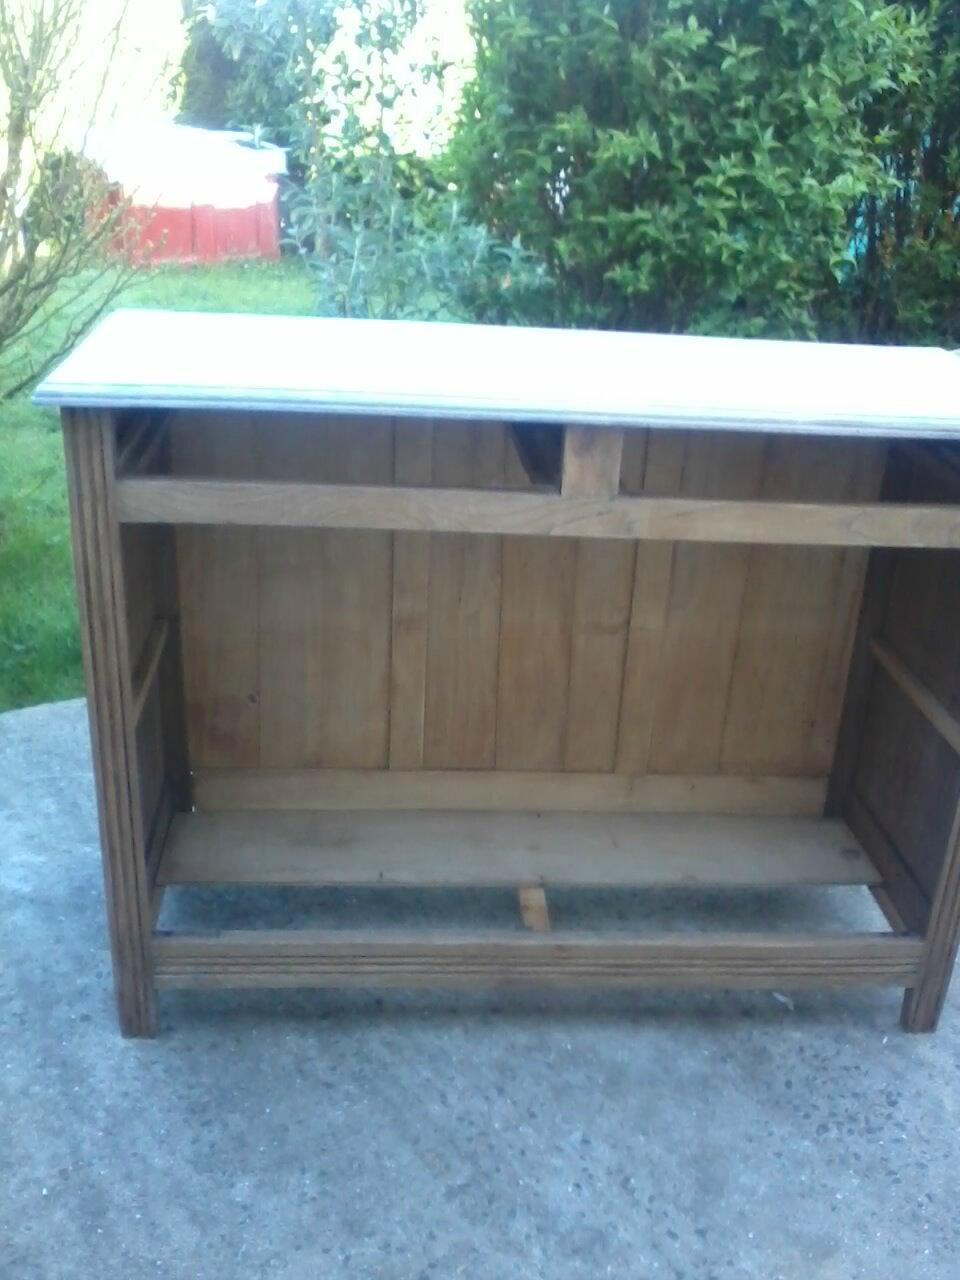 Mes d buts dans la restauration de meubles transformation of furniture pai - Transformation de meuble ...